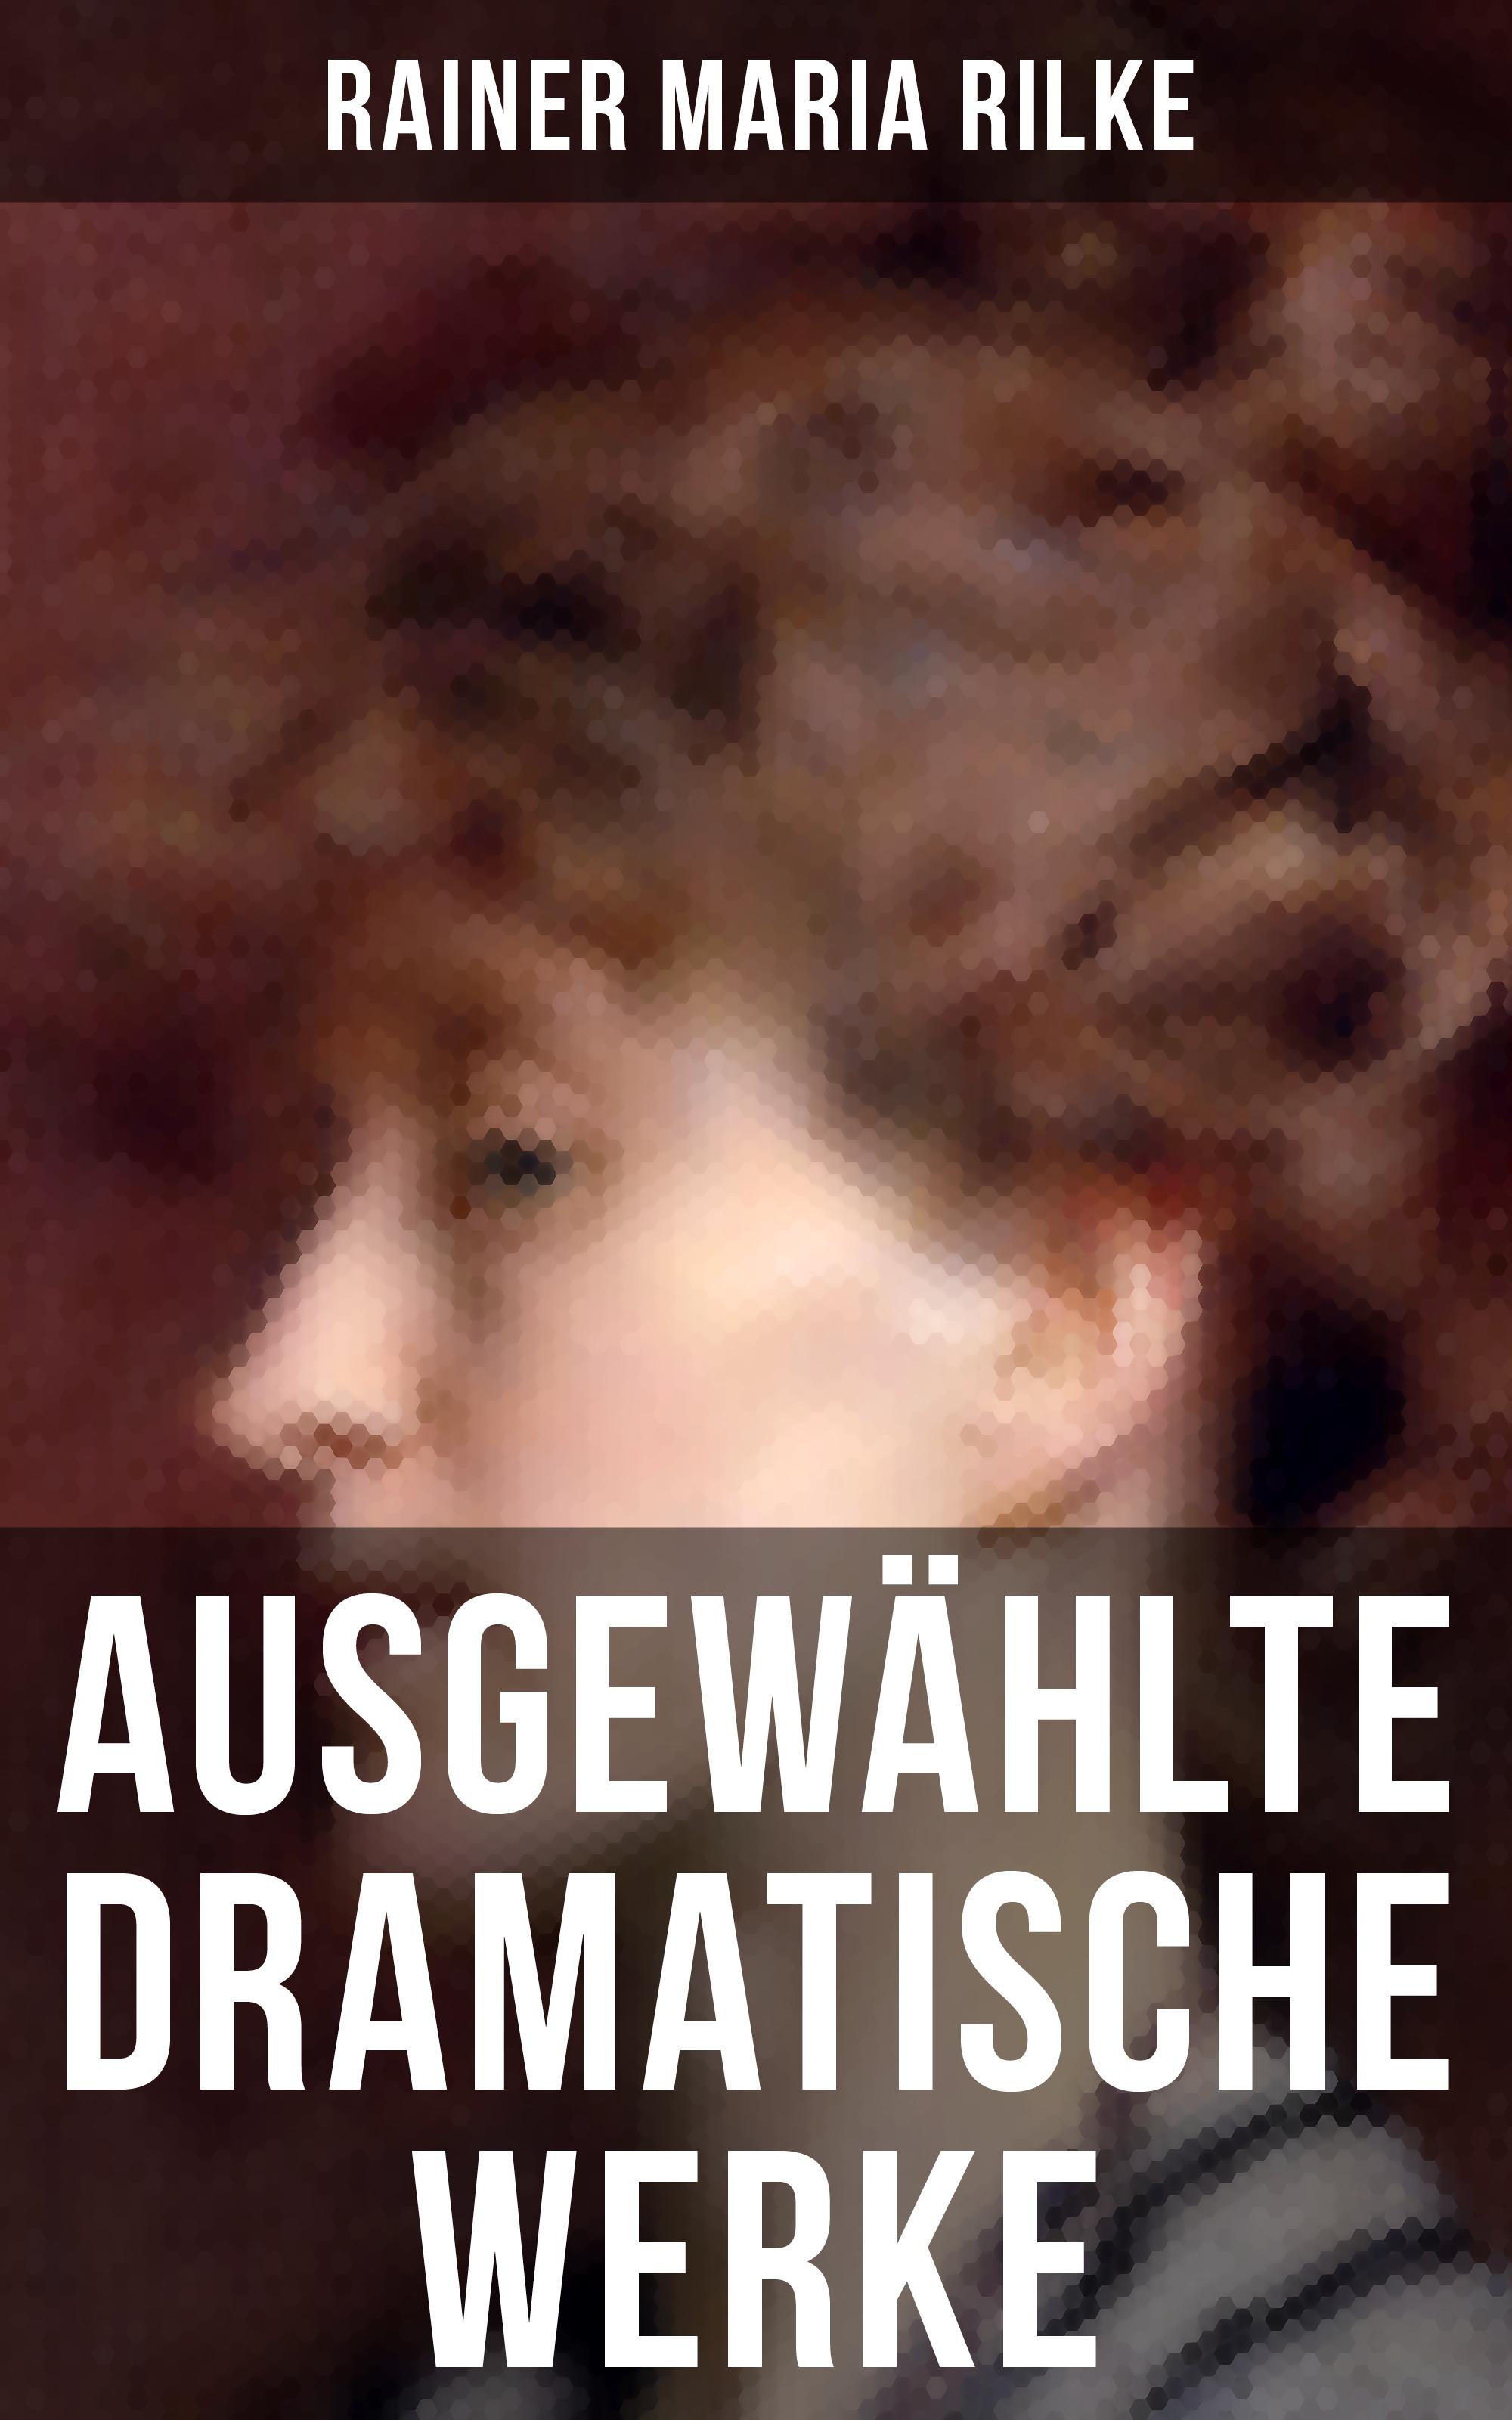 лучшая цена Rainer Maria Rilke Ausgewählte dramatische Werke von Rainer Maria Rilke